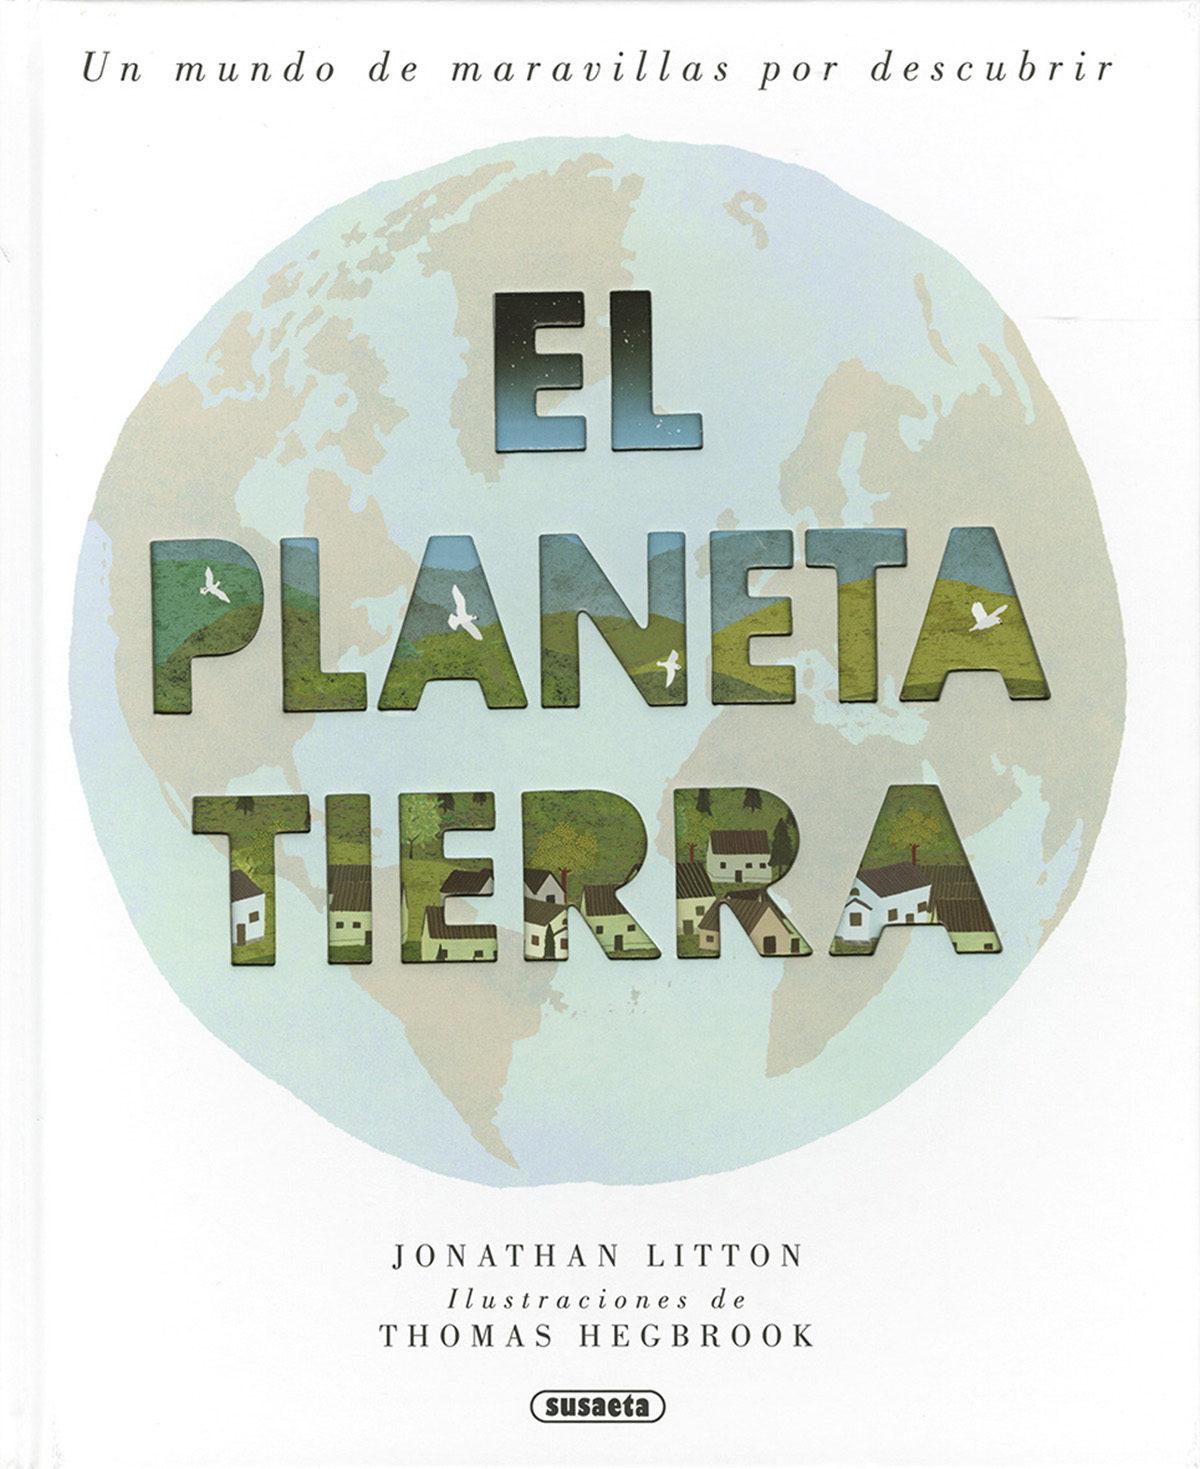 el planeta tierra. un mundo de maravillas por descubrir-jonathan litton-9788467754070